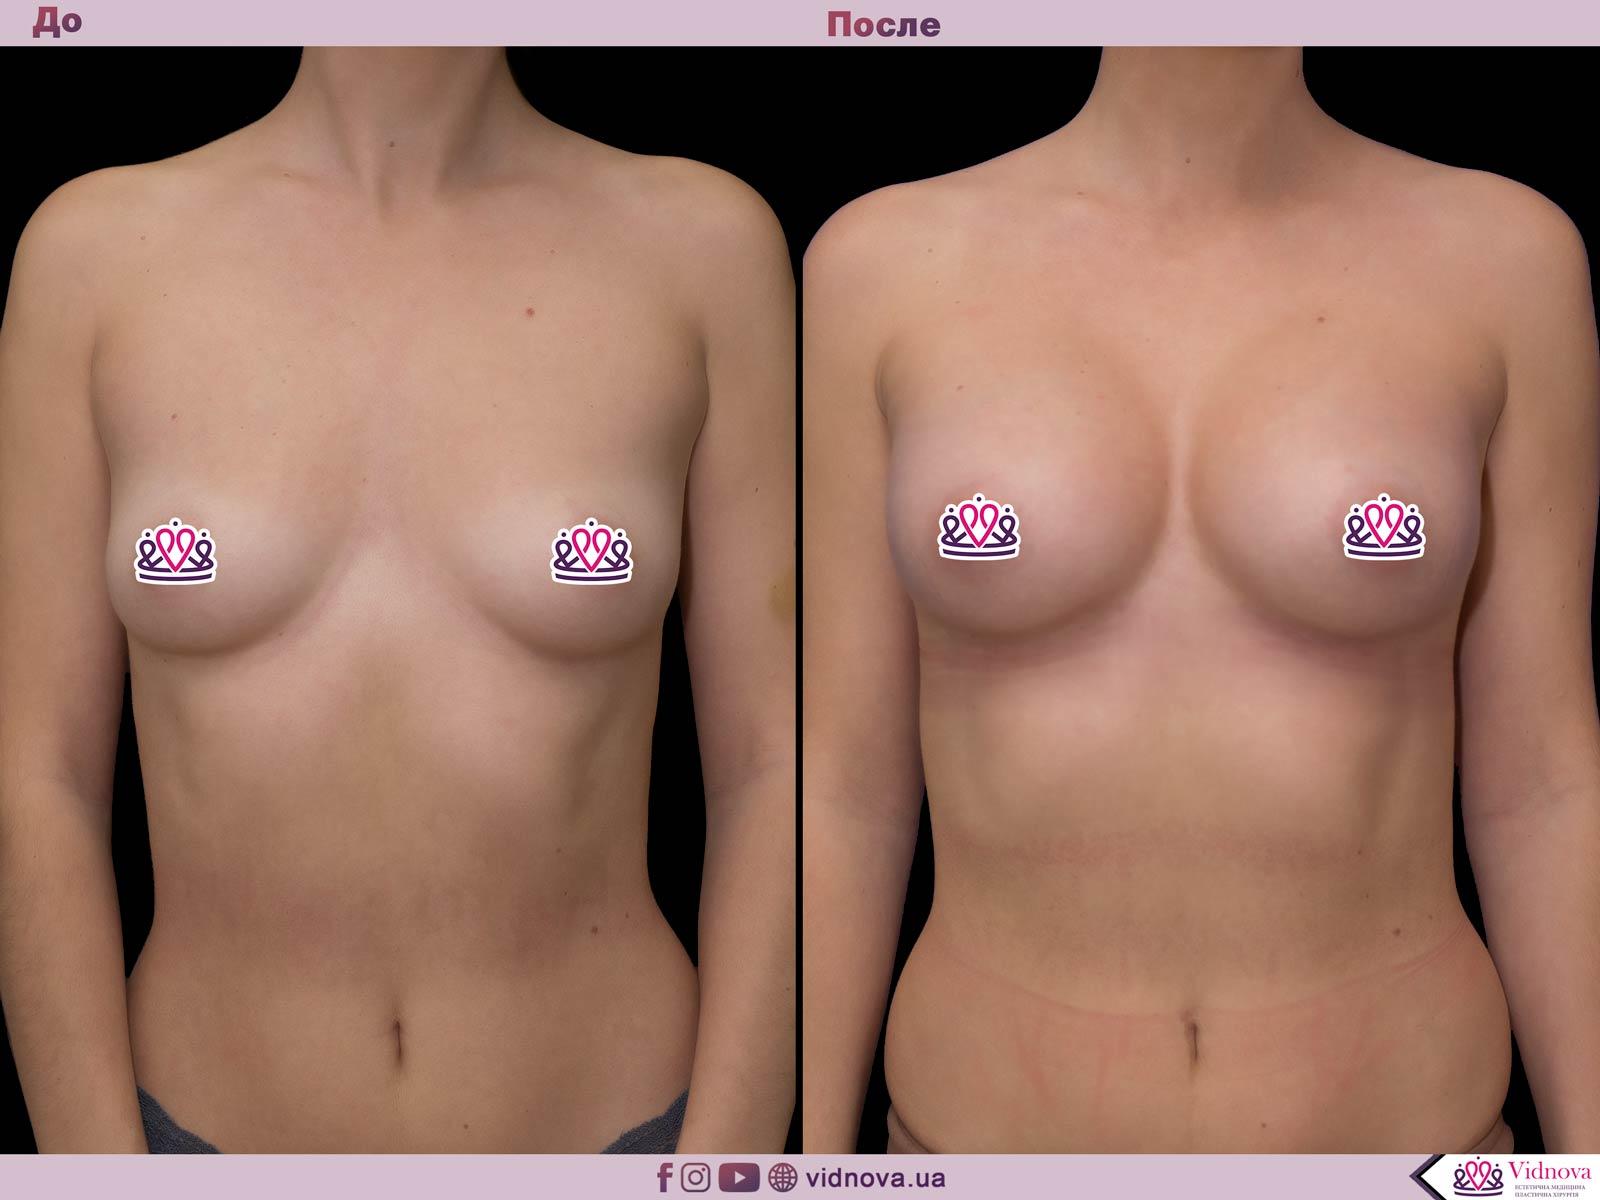 Пластика груди: результаты до и после - Пример №62-0 - Светлана Работенко